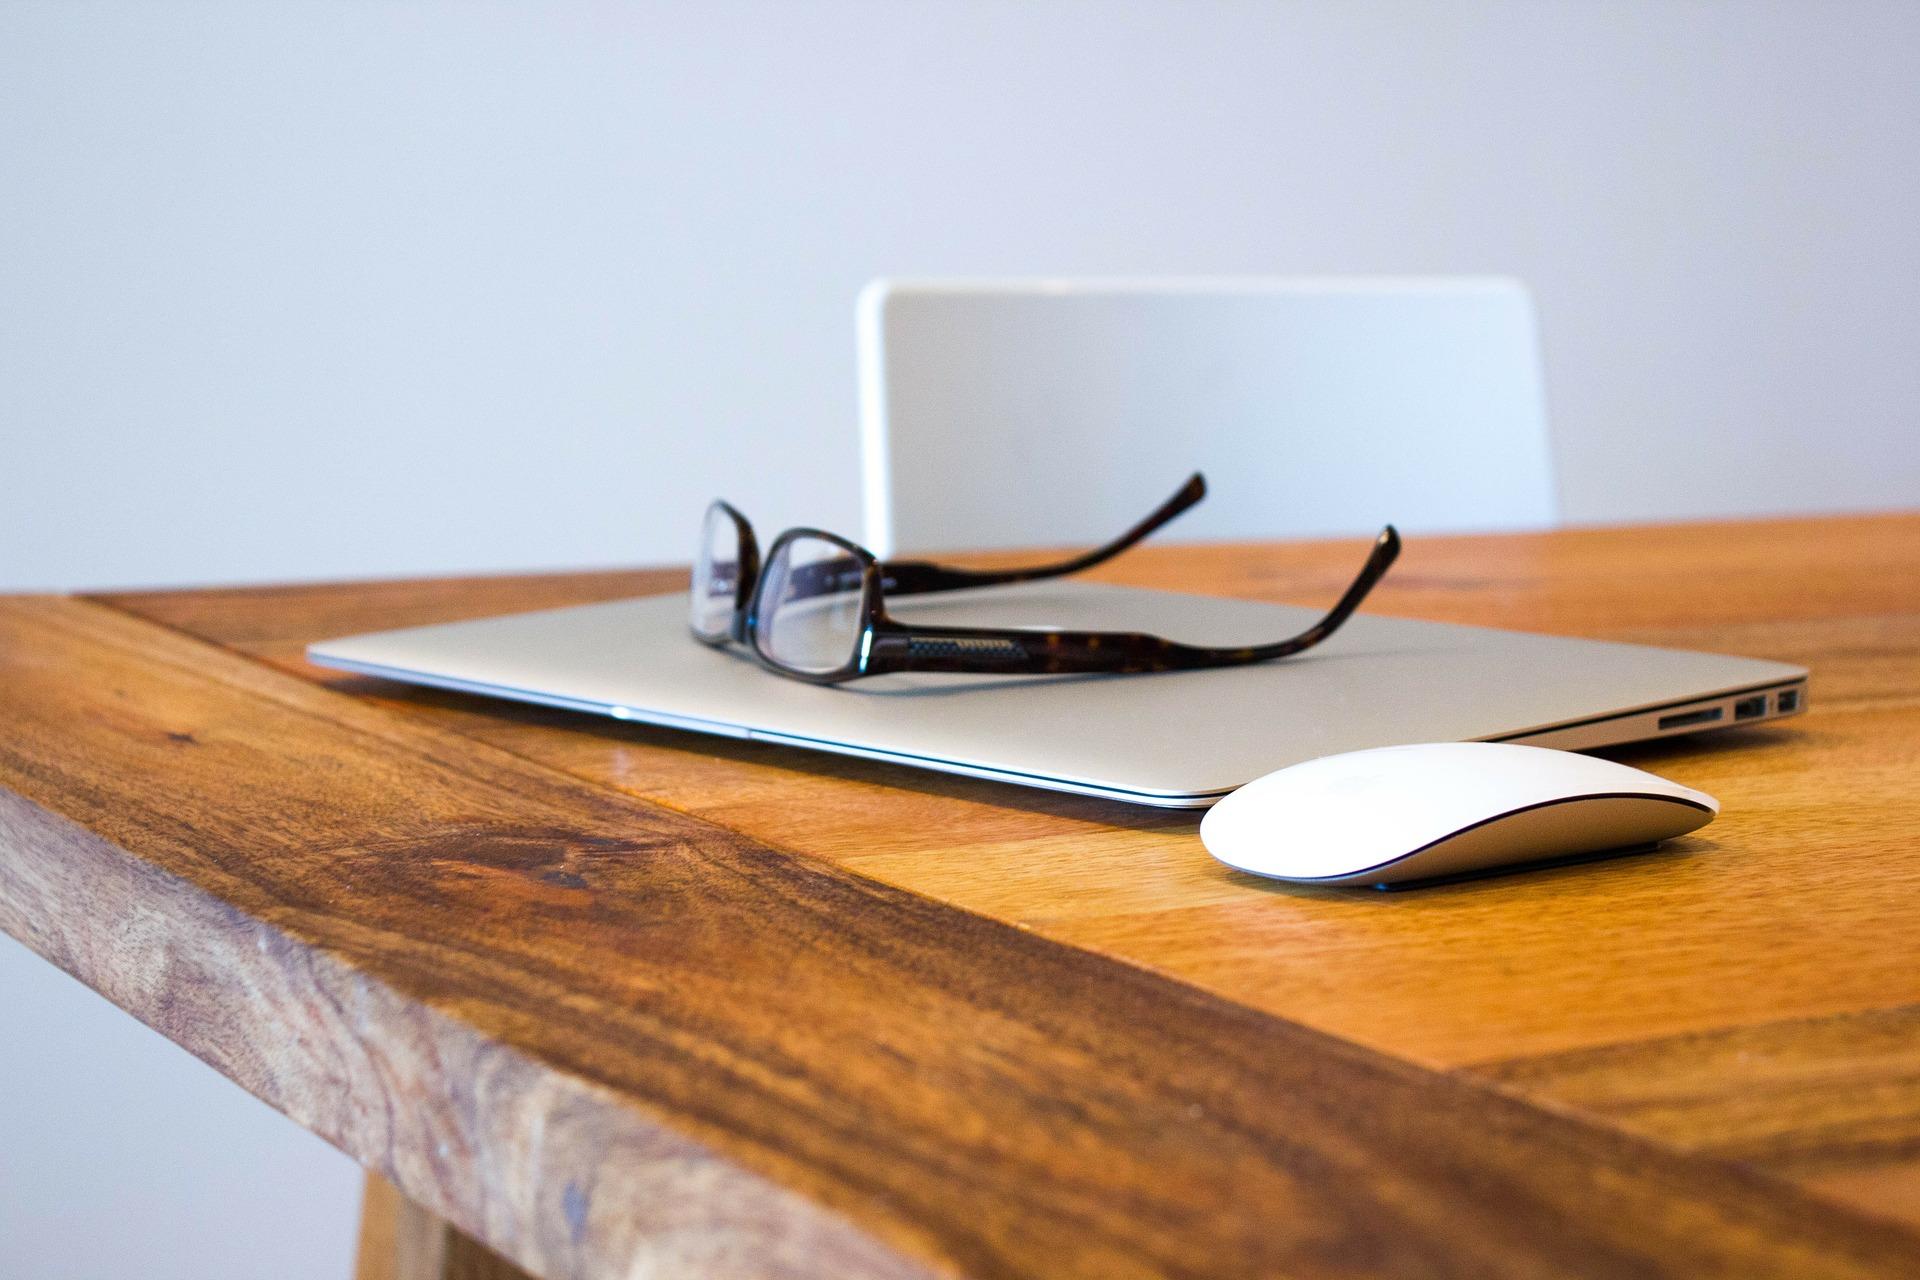 Entspanntes Arbeiten ist nur mit zuverlässigem WLAN möglich. (Bild: Pixabay)